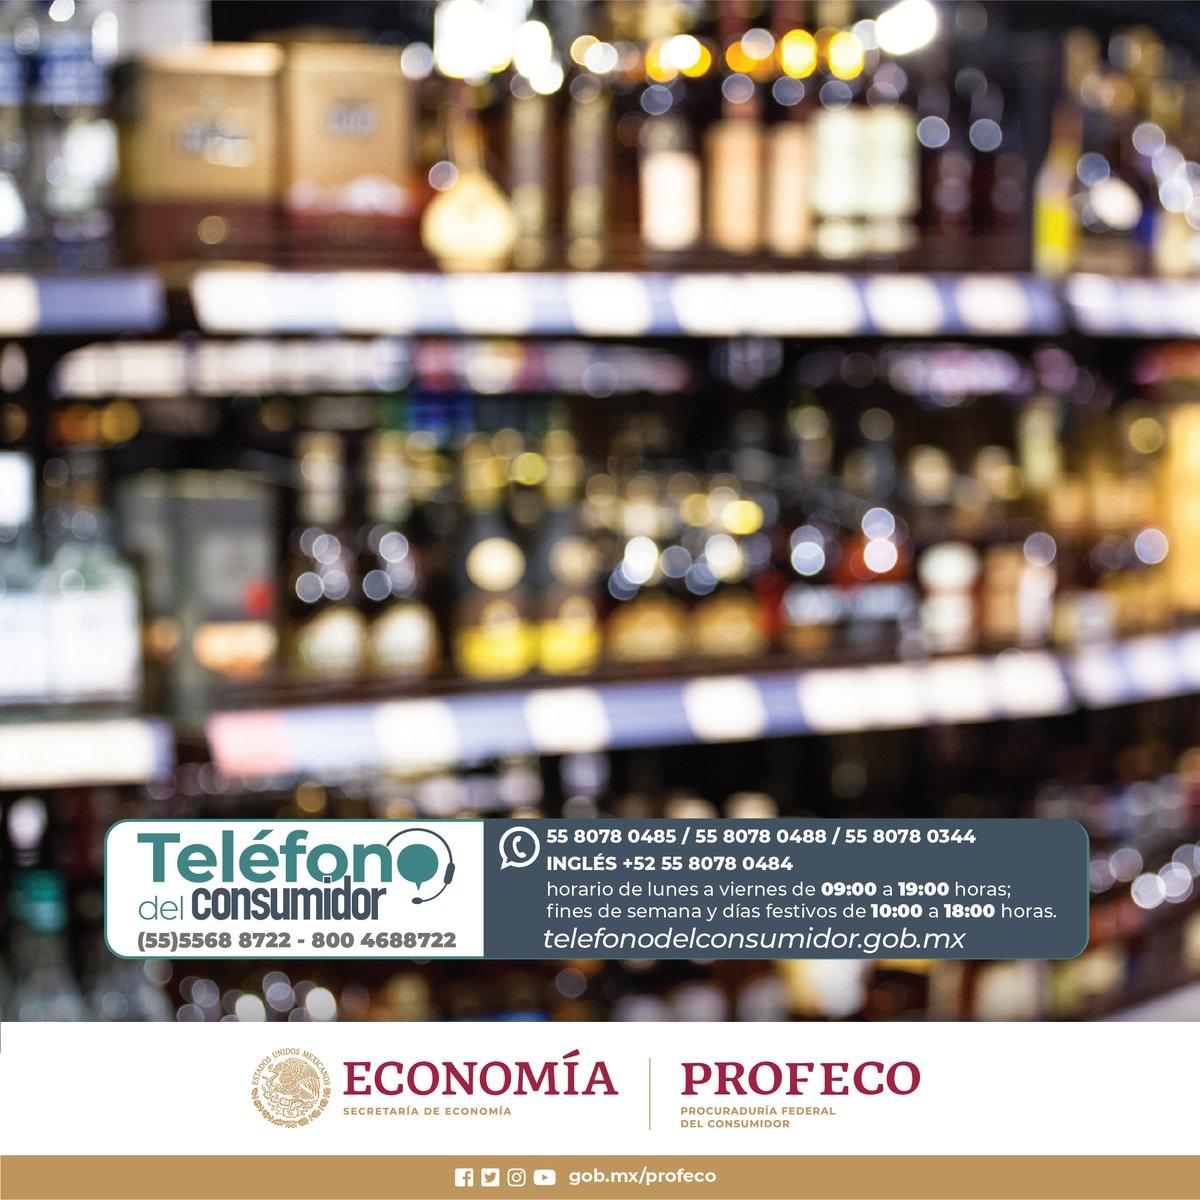 #TipsProfeco Al consumir bebidas alcohólicas, recuerda comprar en establecimientos formales; revisa la botella y su etiquetado; verifica su autenticidad con el código QR que tiene impreso. @SATMX #JuntosContraLaIlegalidad http://juntoscontralailegalidad.mx/inicio/verifica-tu-botella/…